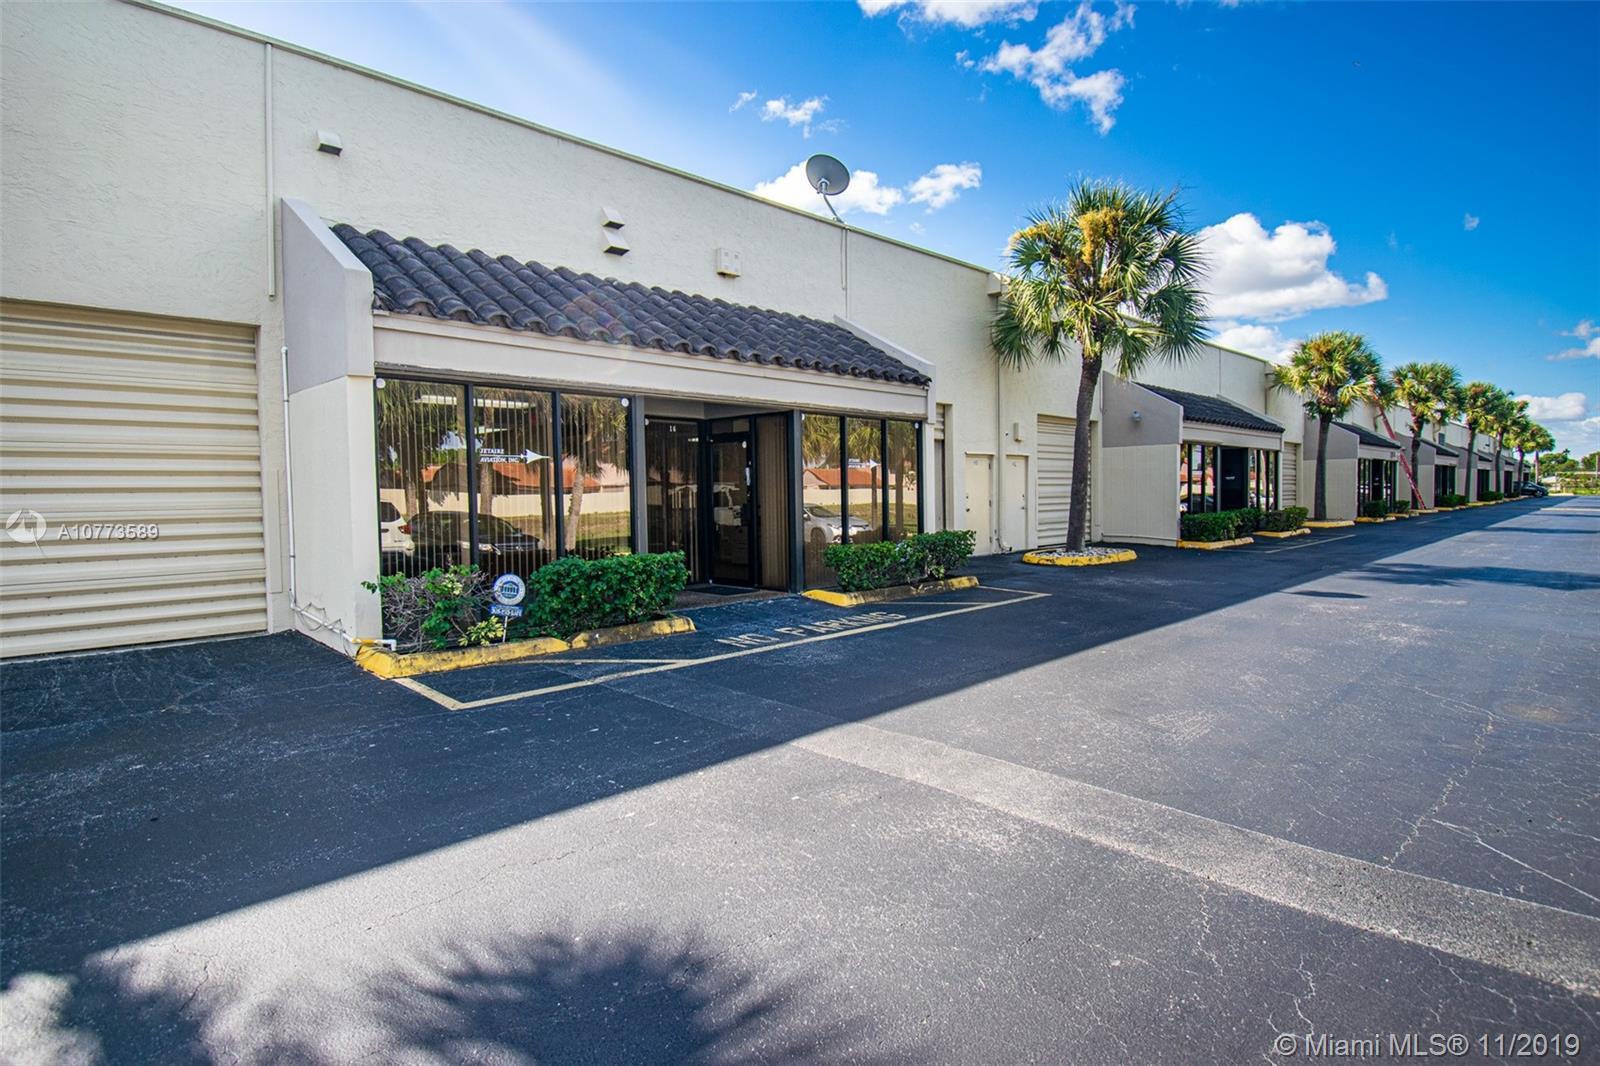 6187 NW 167th St H14, Miami Lakes, FL 33015